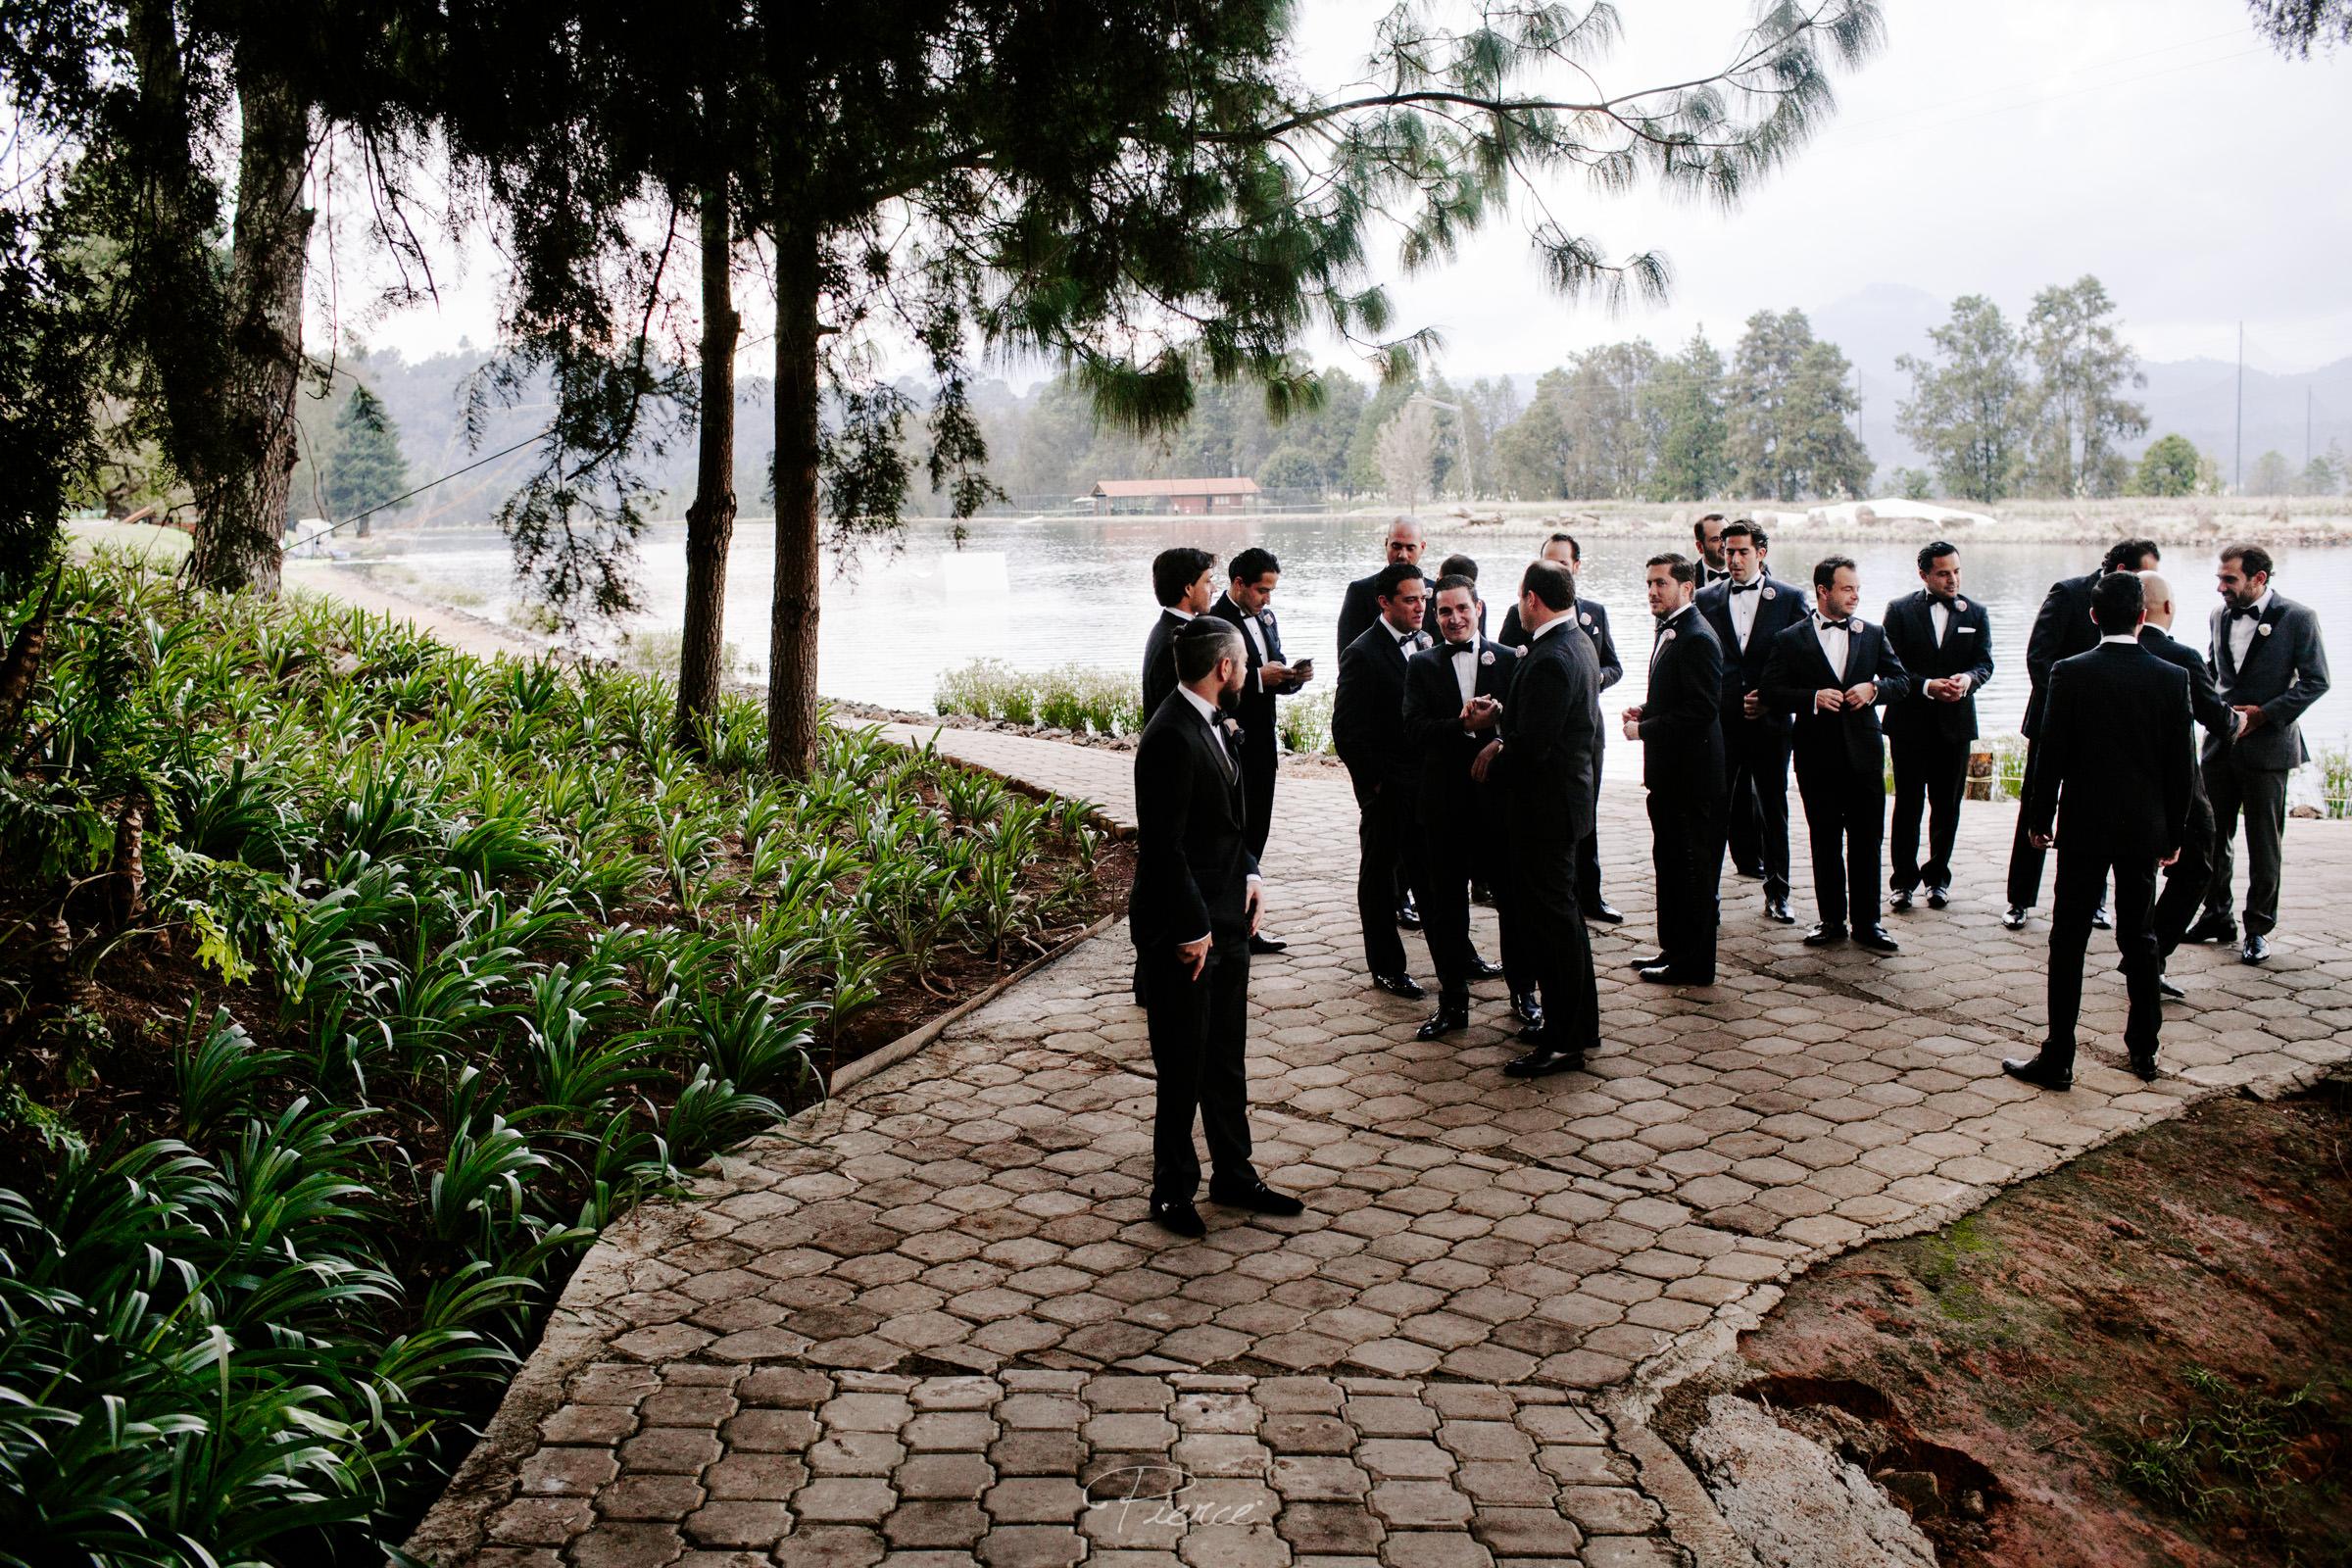 fotografia-de-boda-valle-de-bravo-mexico-rosmarino-pierce-weddings-0101.JPG